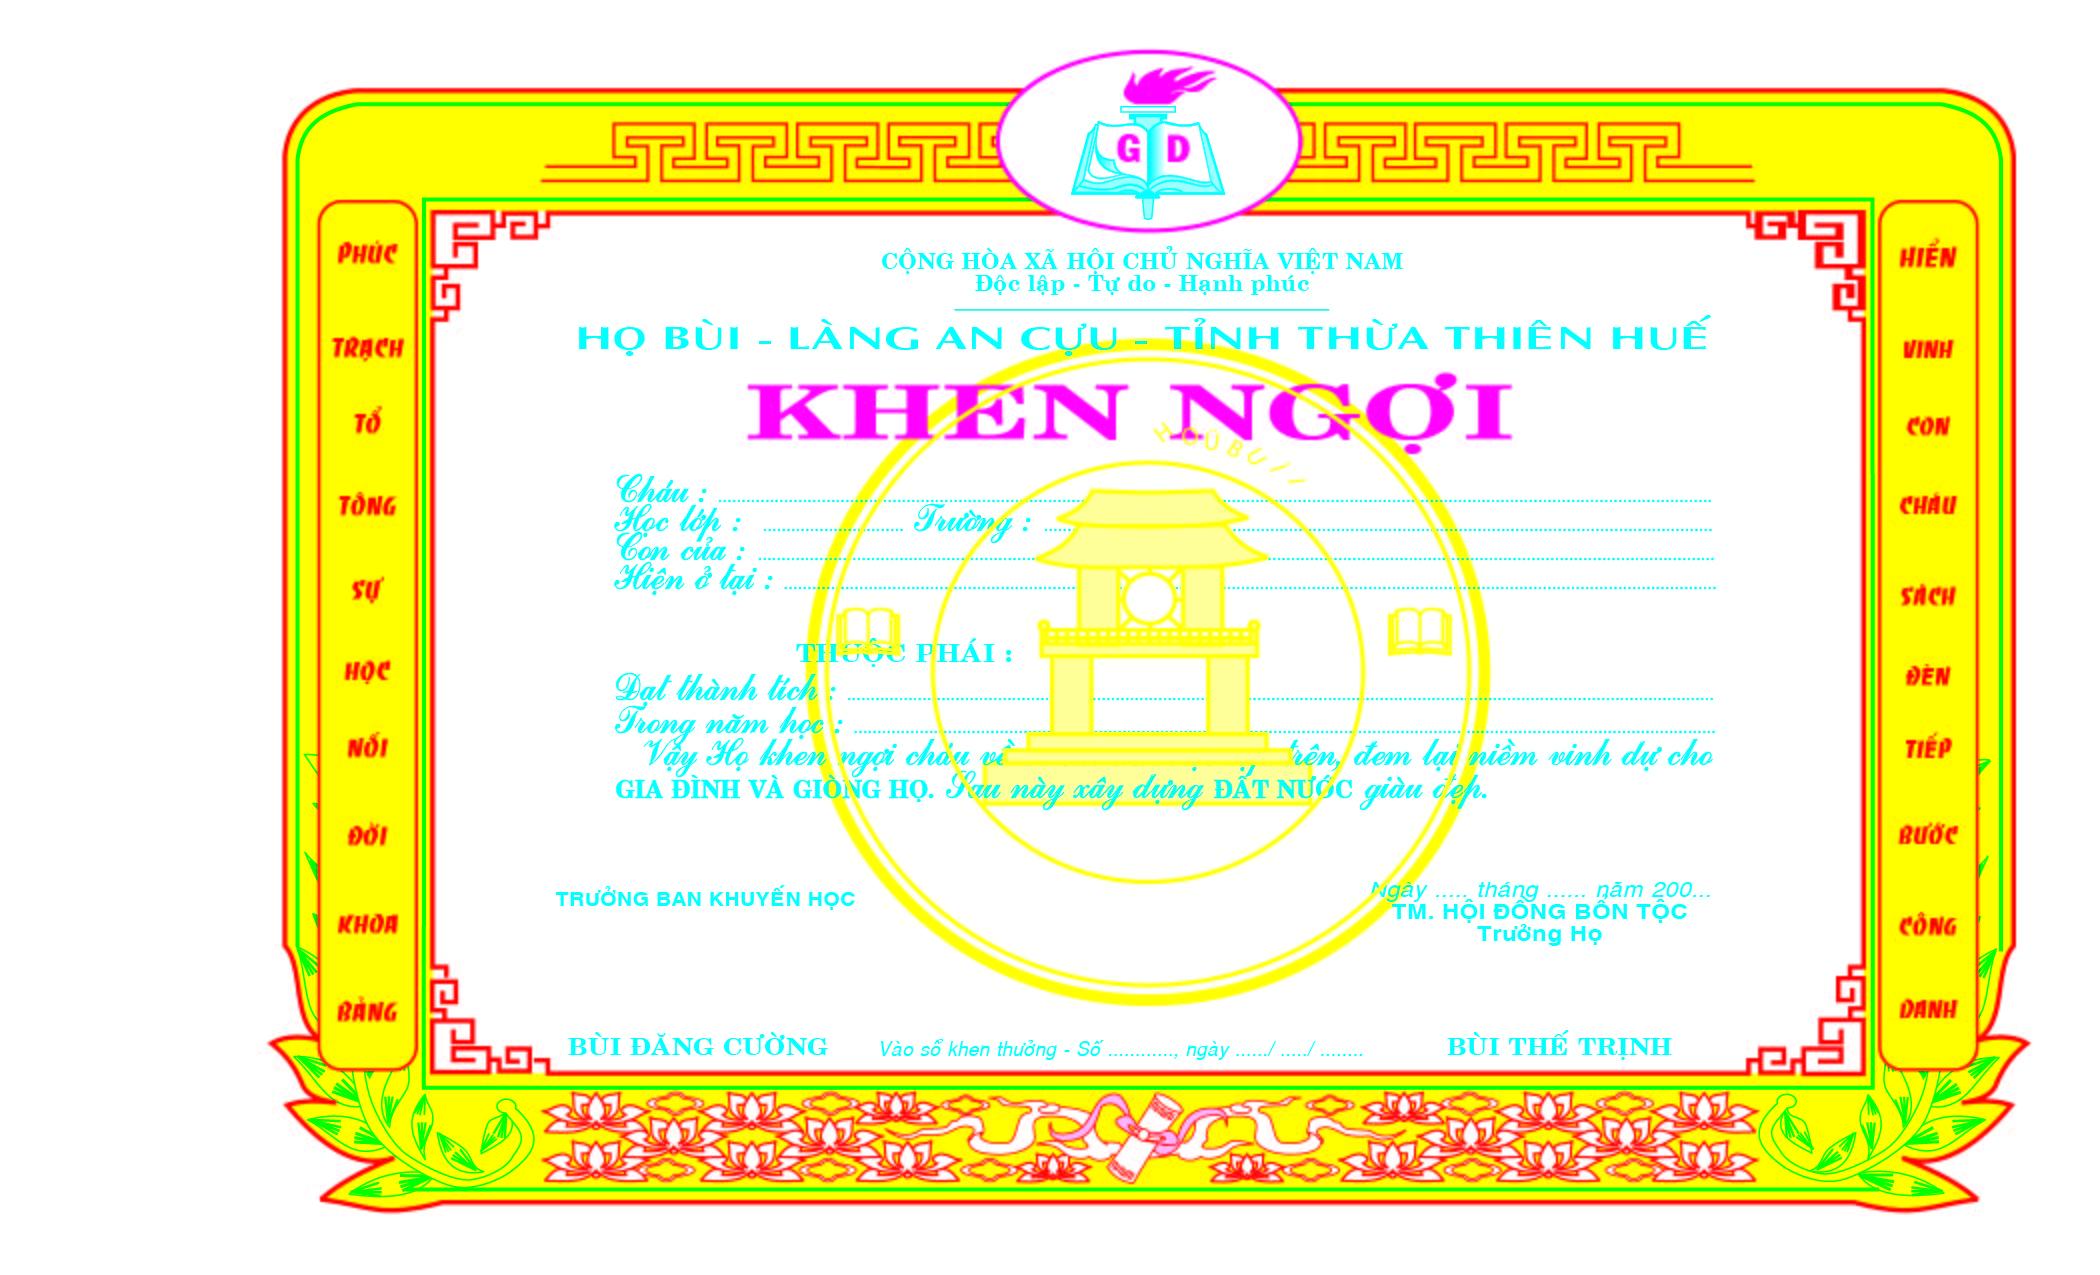 Mẫu giấy khen 029 - Mẫu giấy khen làng an cựu - tỉnh thừa thiên huế - Link download : https://adsnew.net/Yd1P